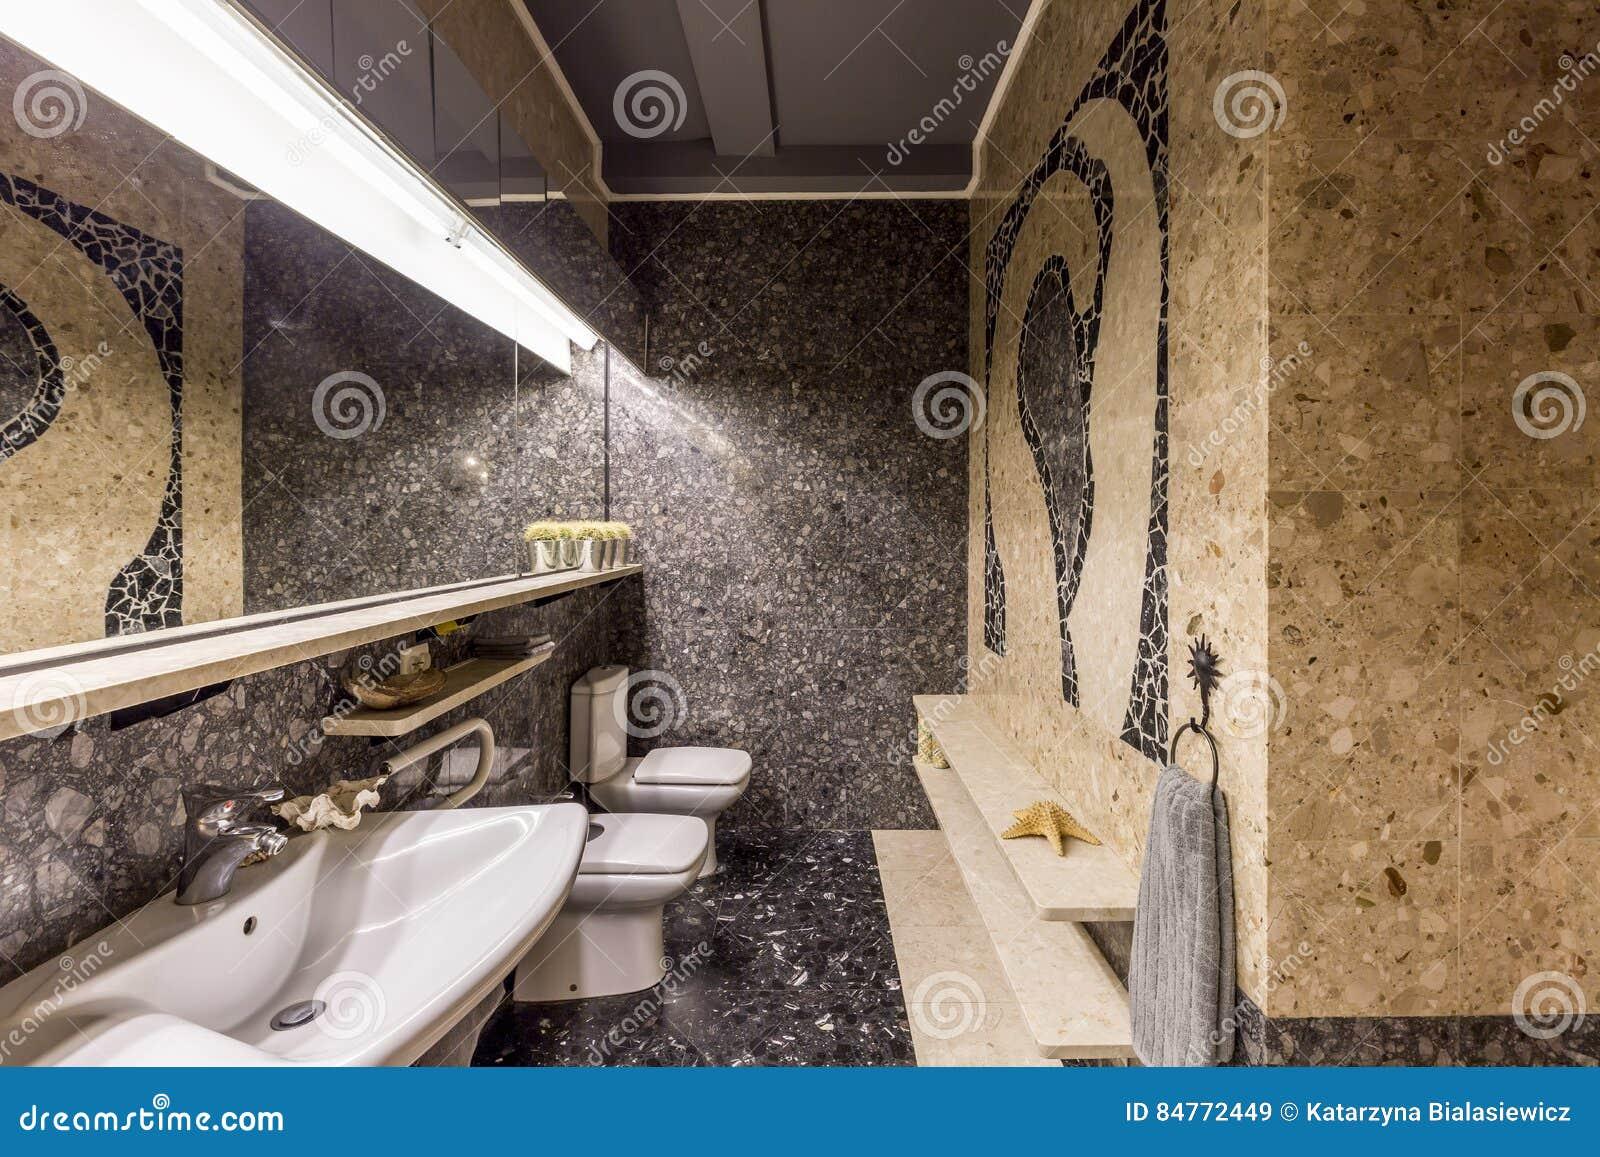 Modele Salle De Bain Avec Mosaique salle de bains avec la mosaïque en pierre image stock